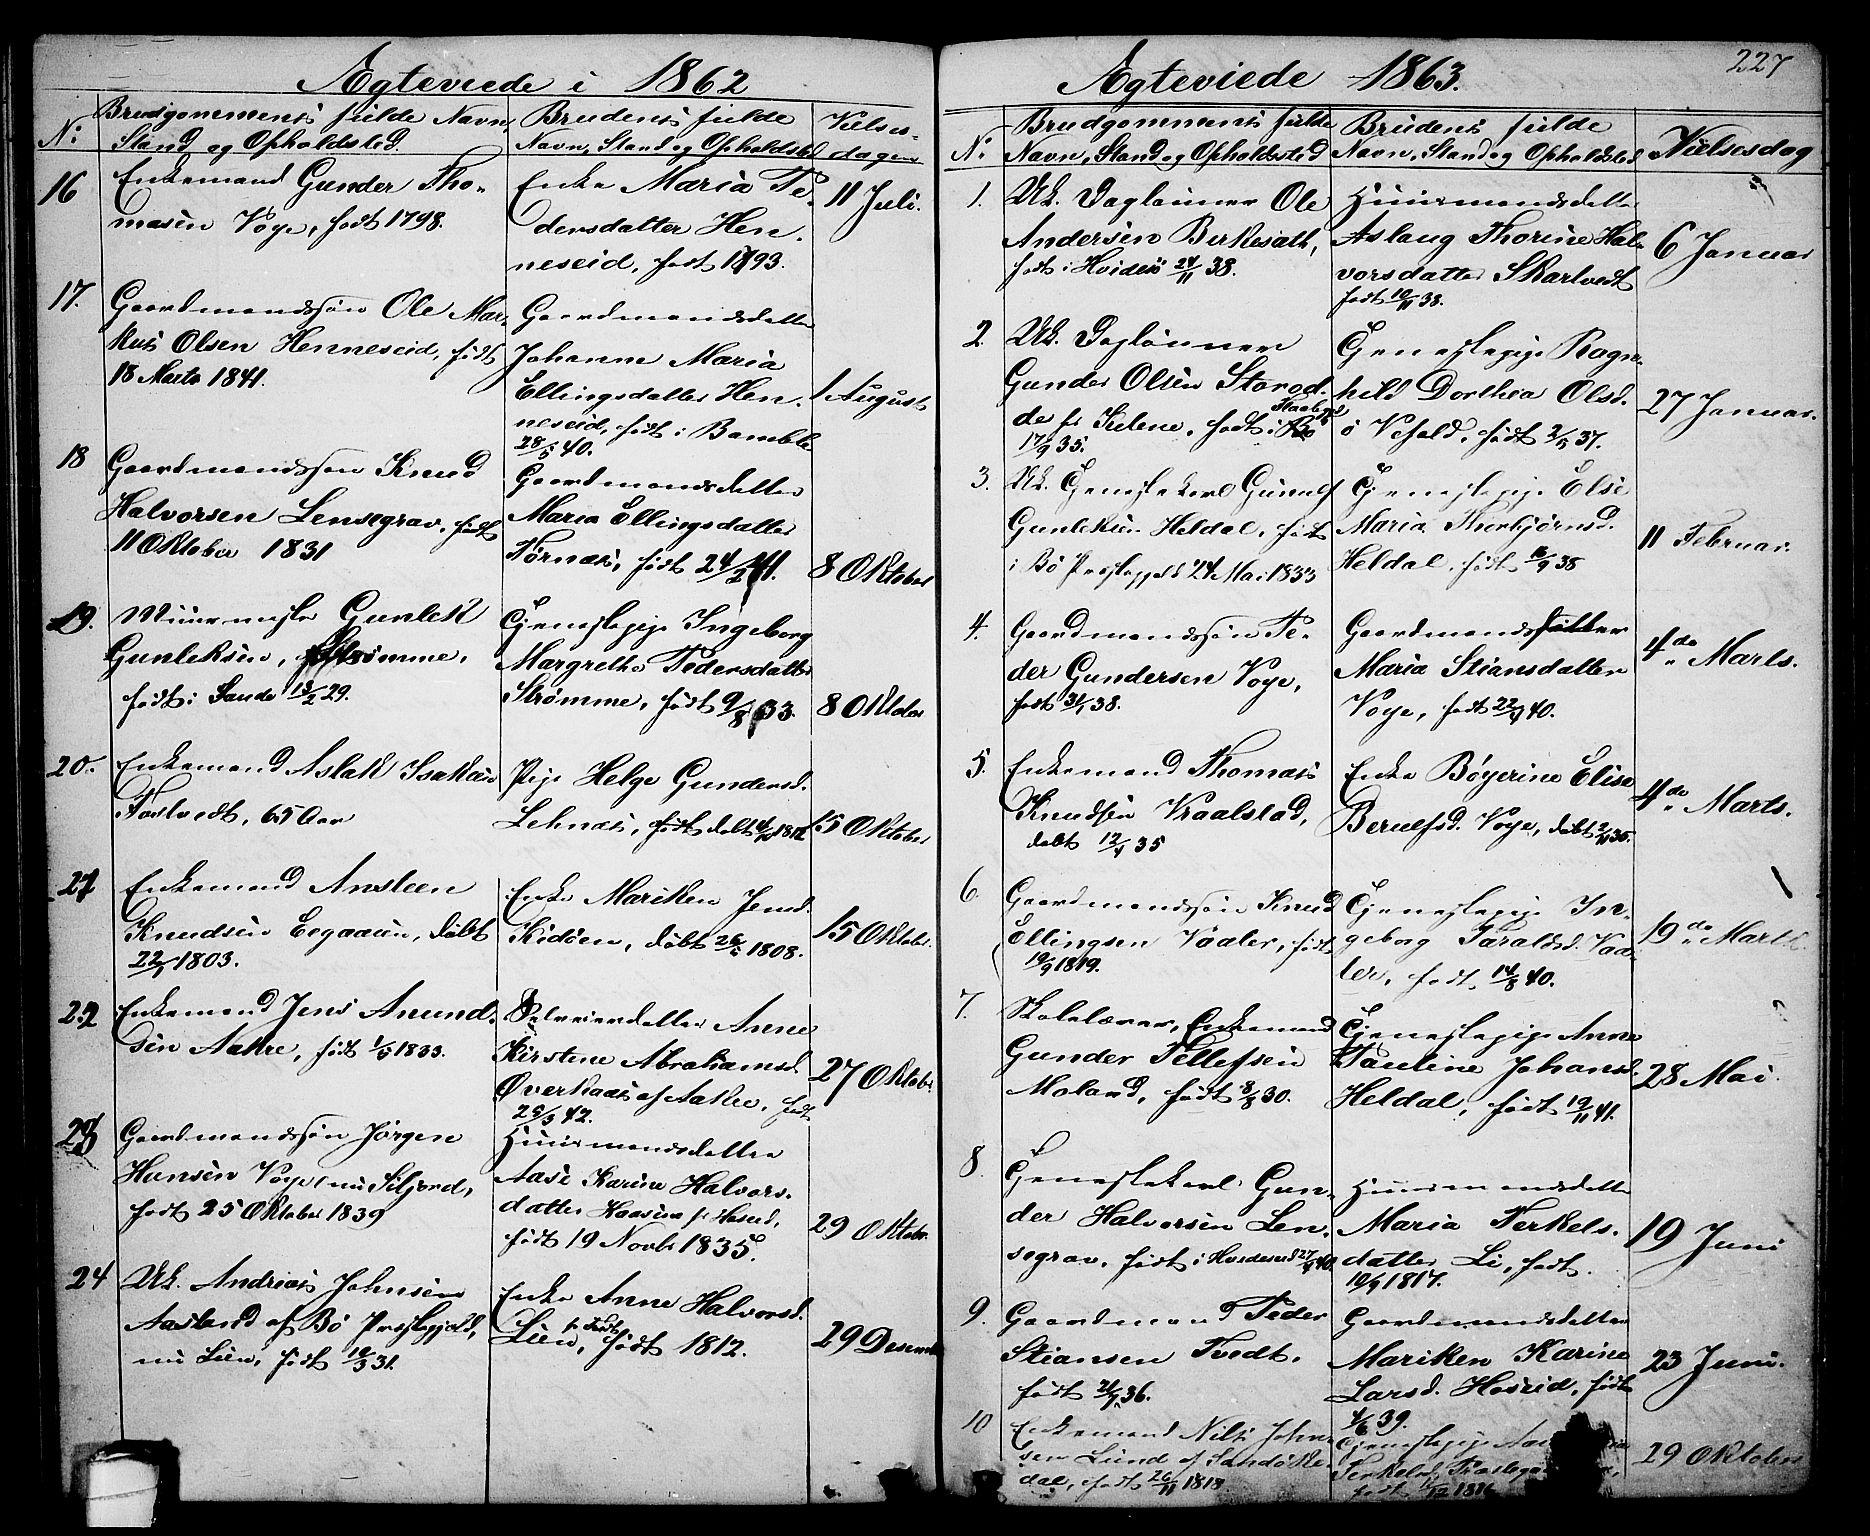 SAKO, Drangedal kirkebøker, G/Ga/L0002: Klokkerbok nr. I 2, 1856-1887, s. 227